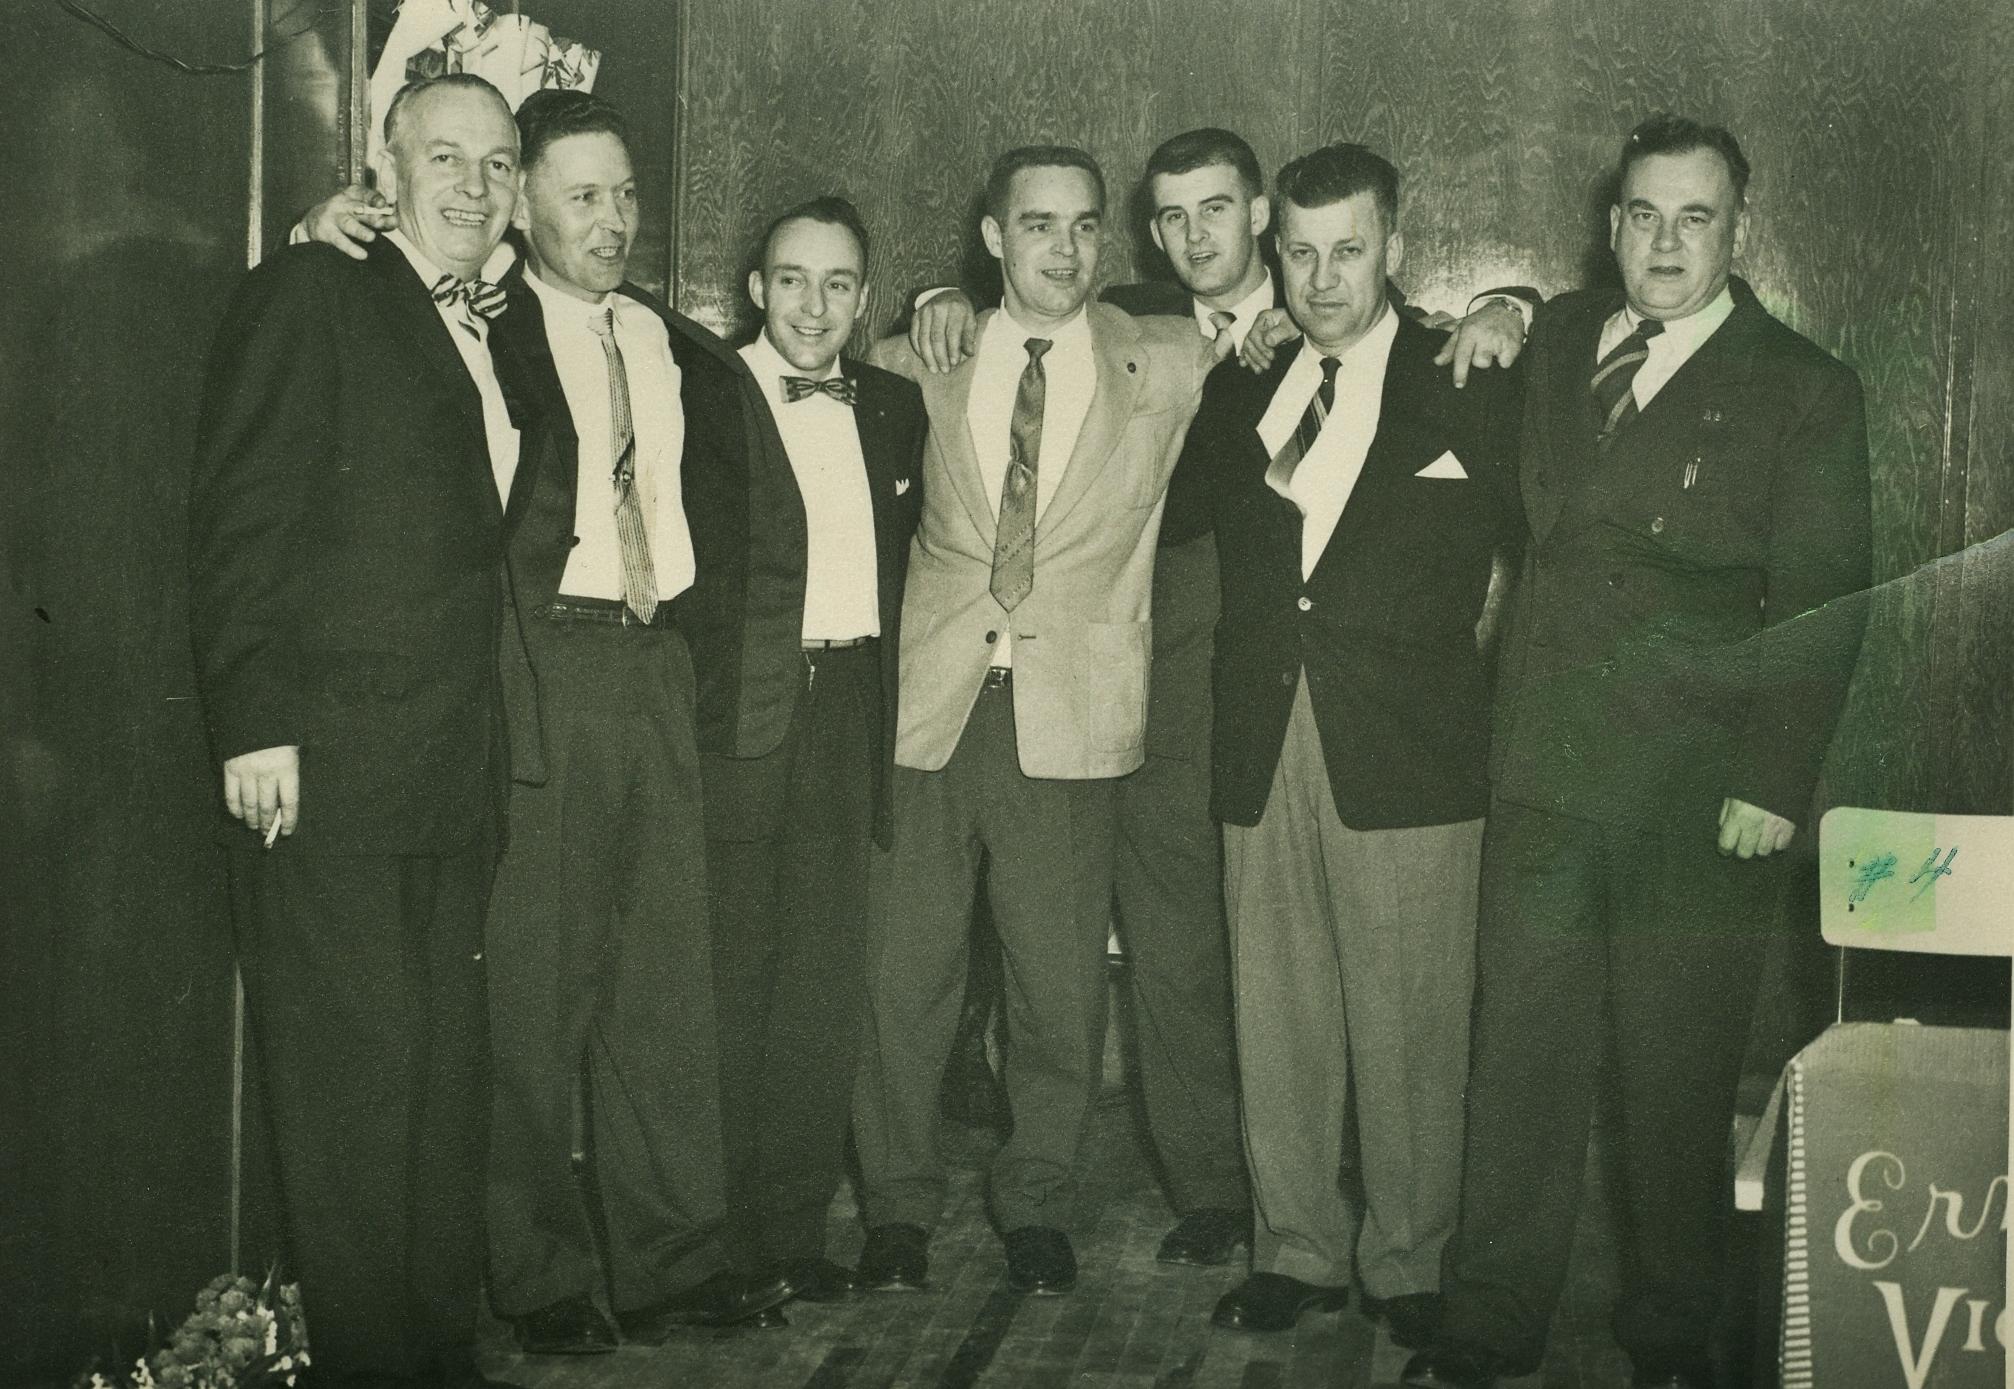 Bethlehem Union Execs. MacDonald, Fenton, Bell, Mantle, Osborne, Monk, Glen Derry